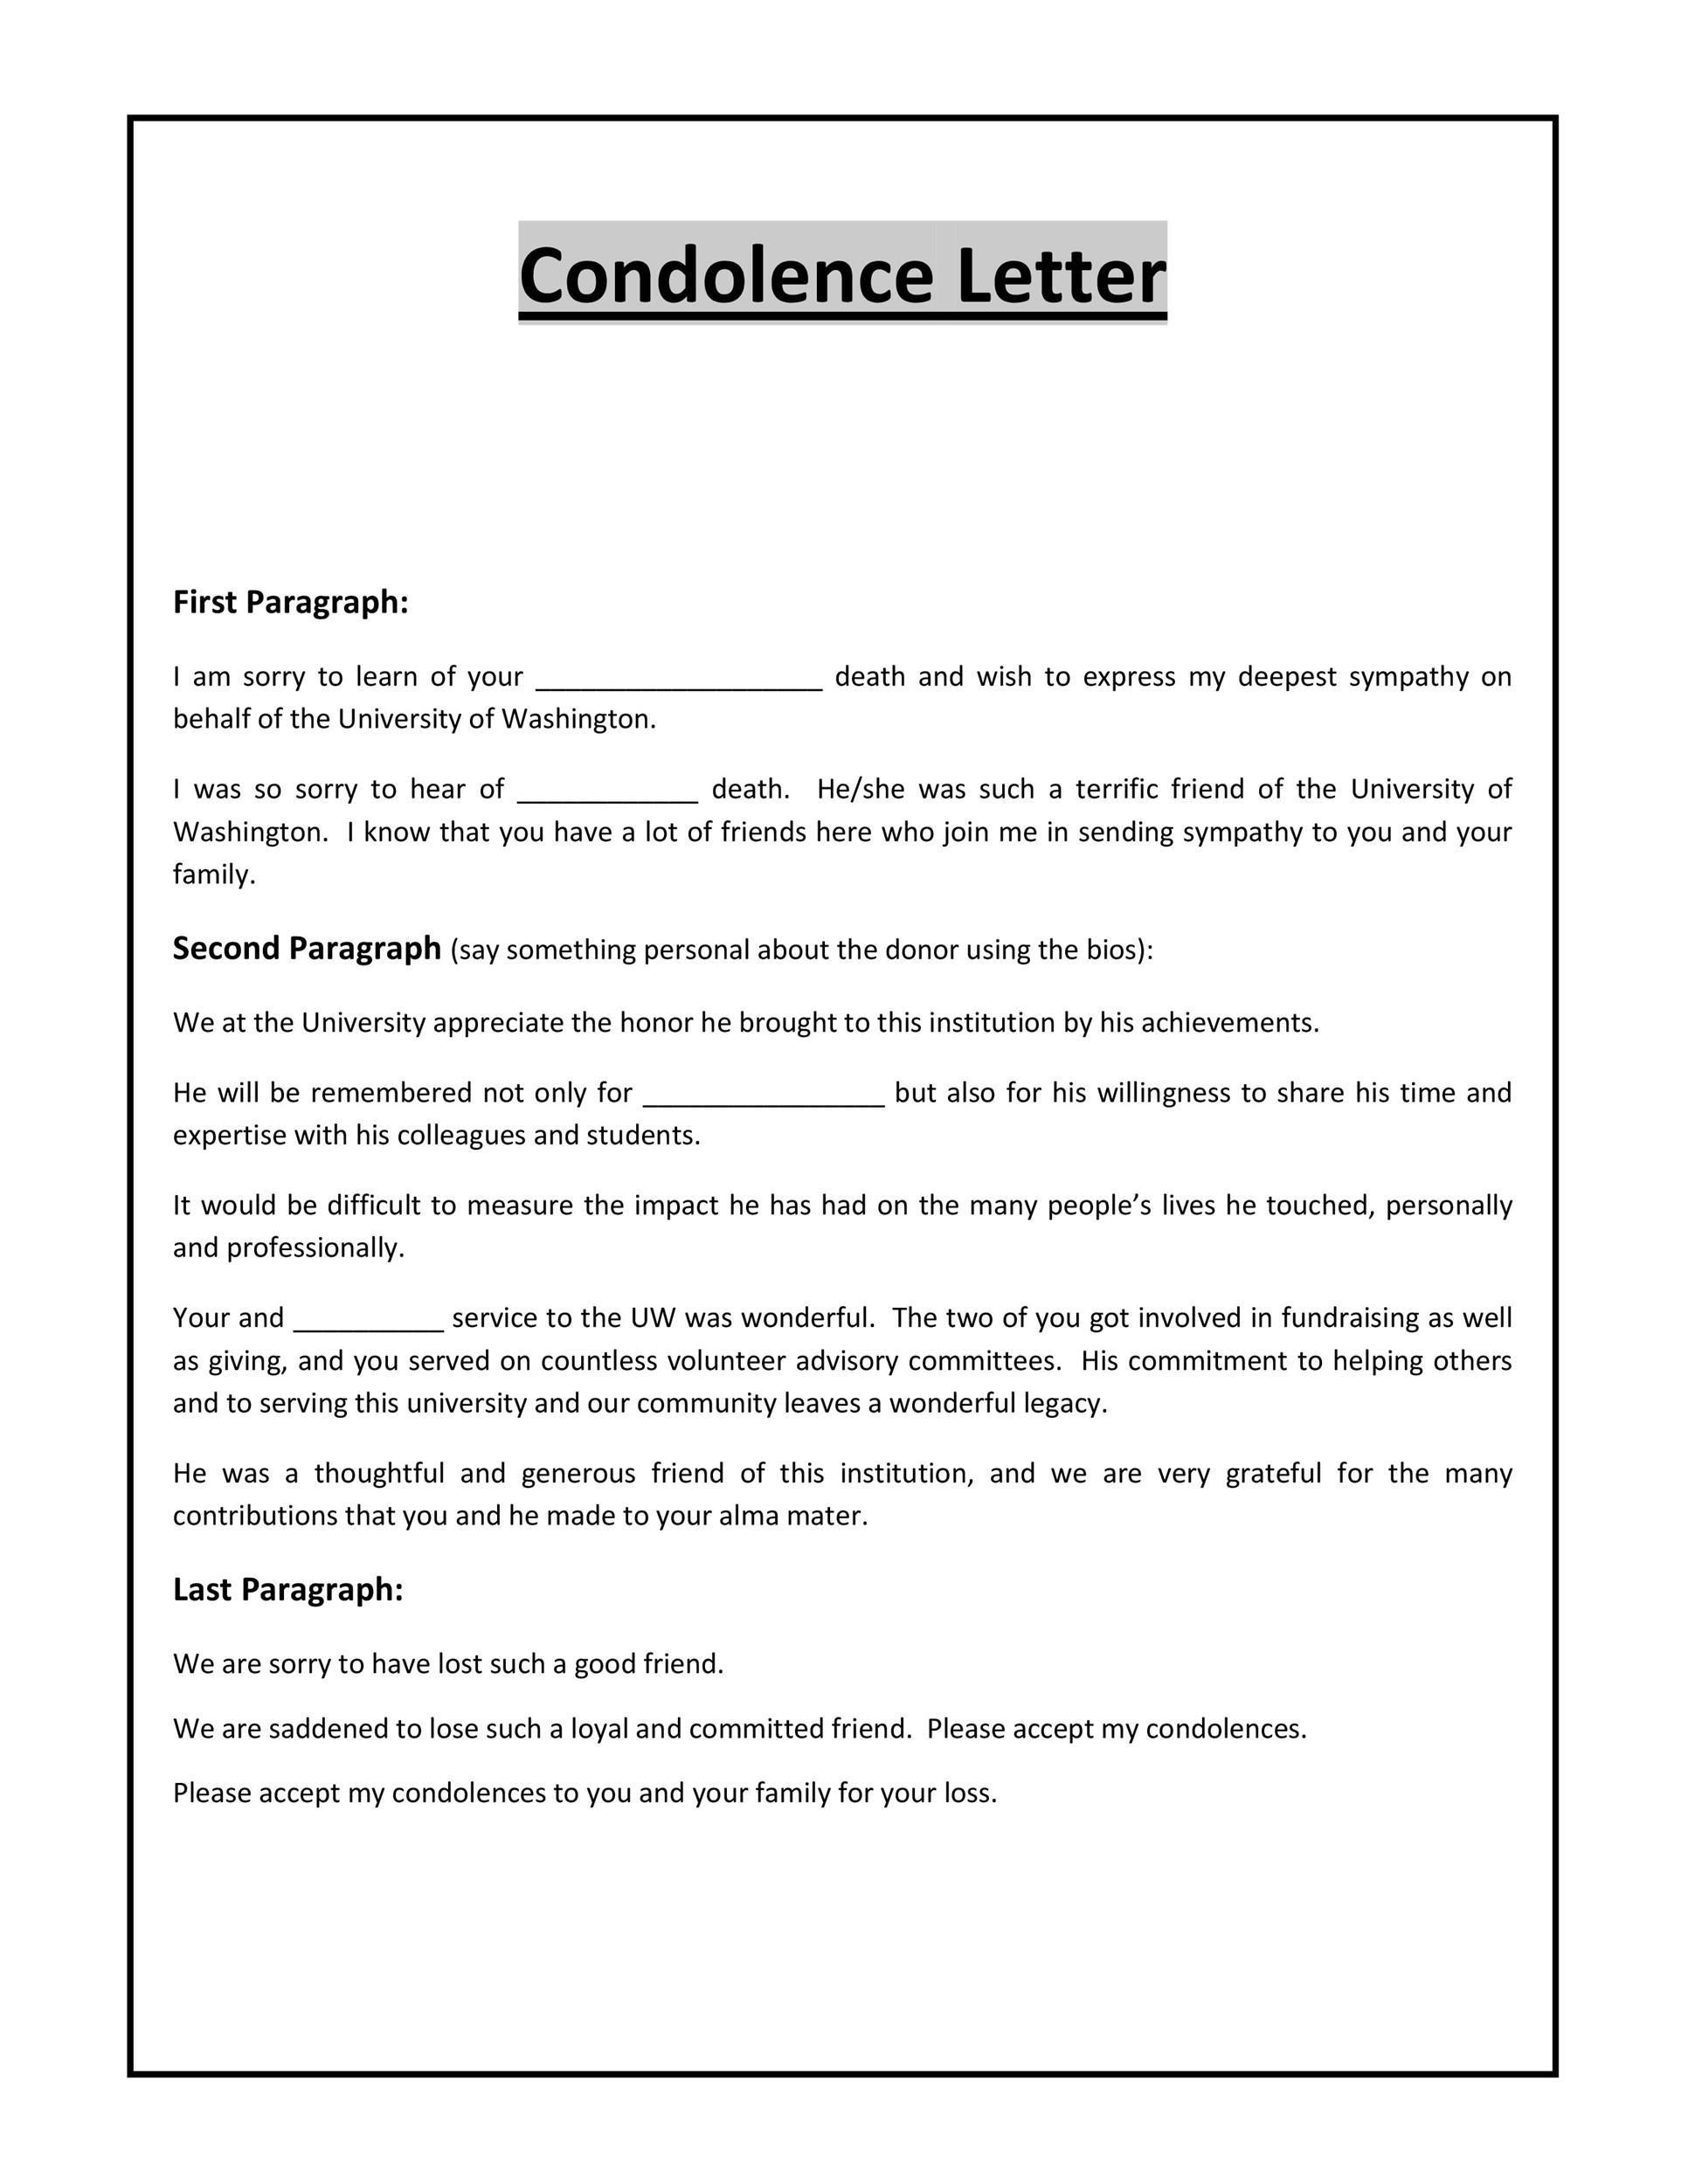 Free condolence letter 04